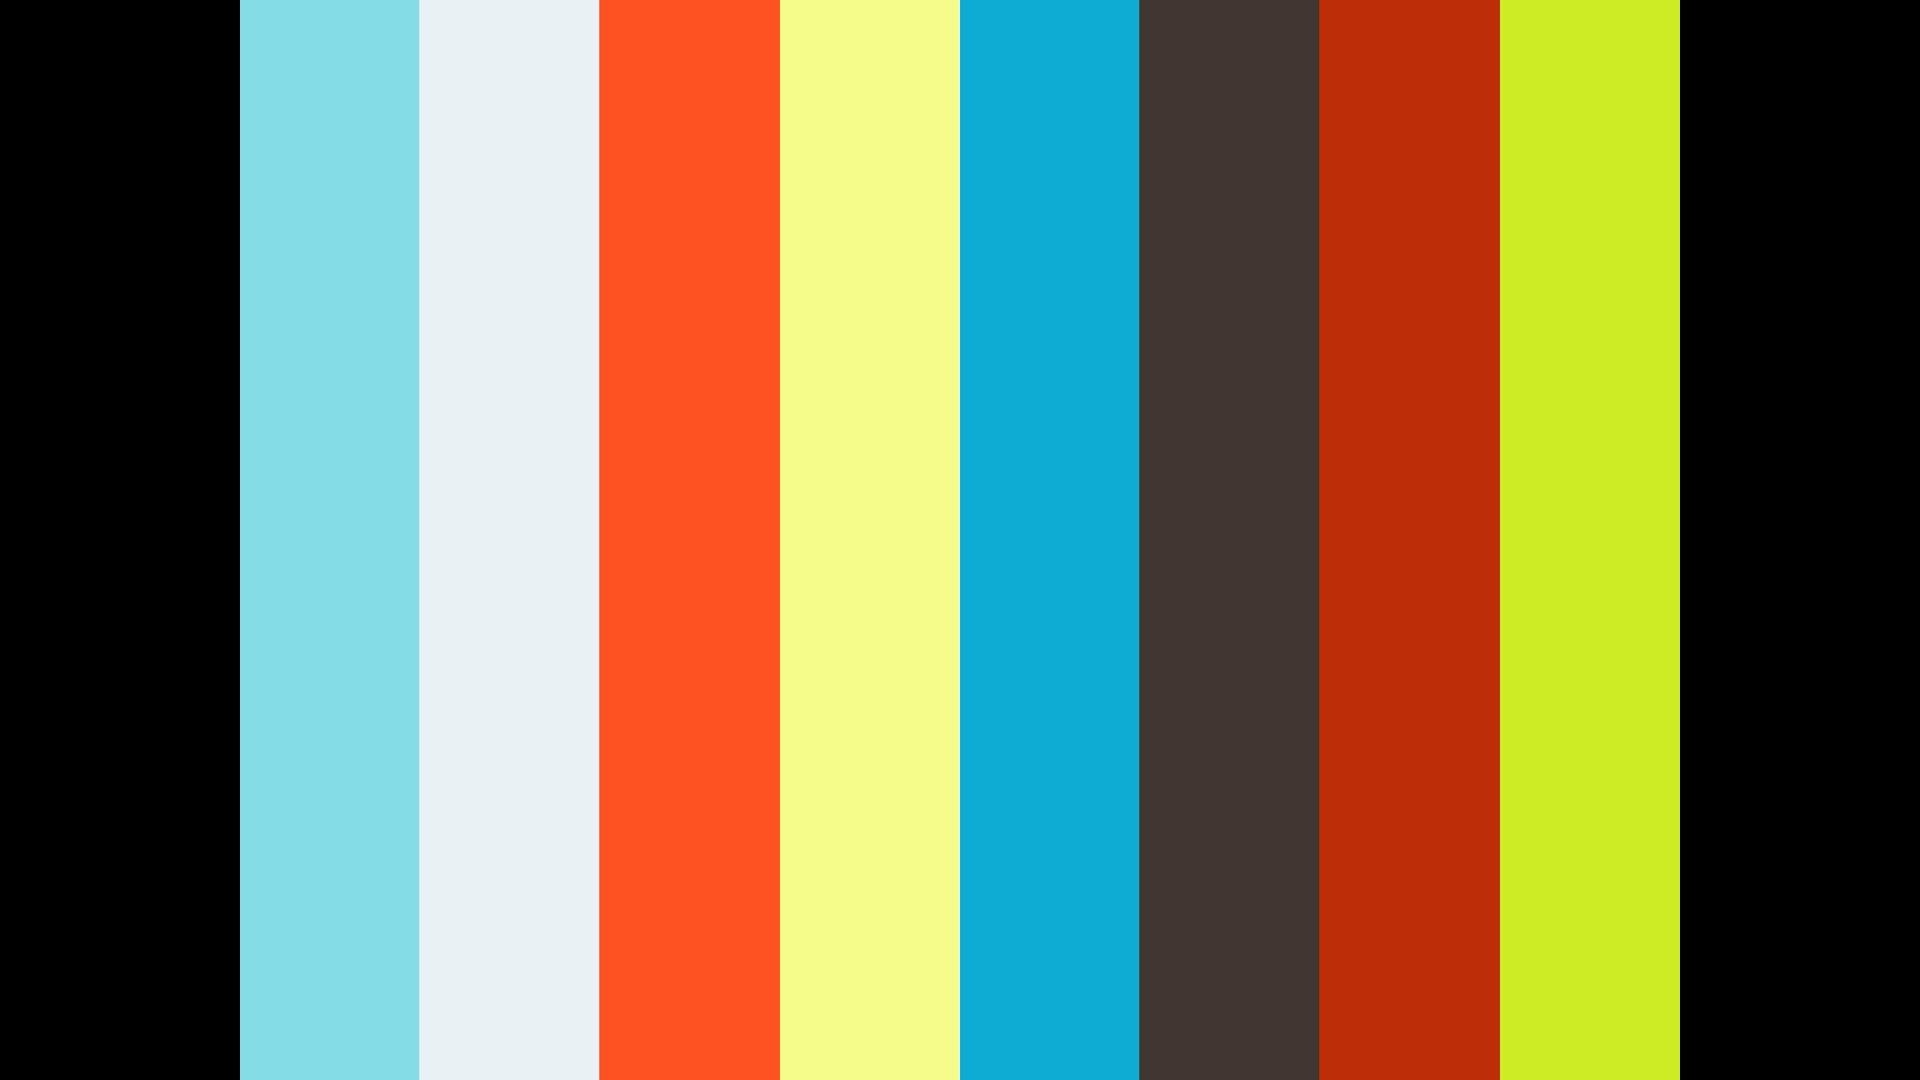 Affinity Designer for desktop tutorials